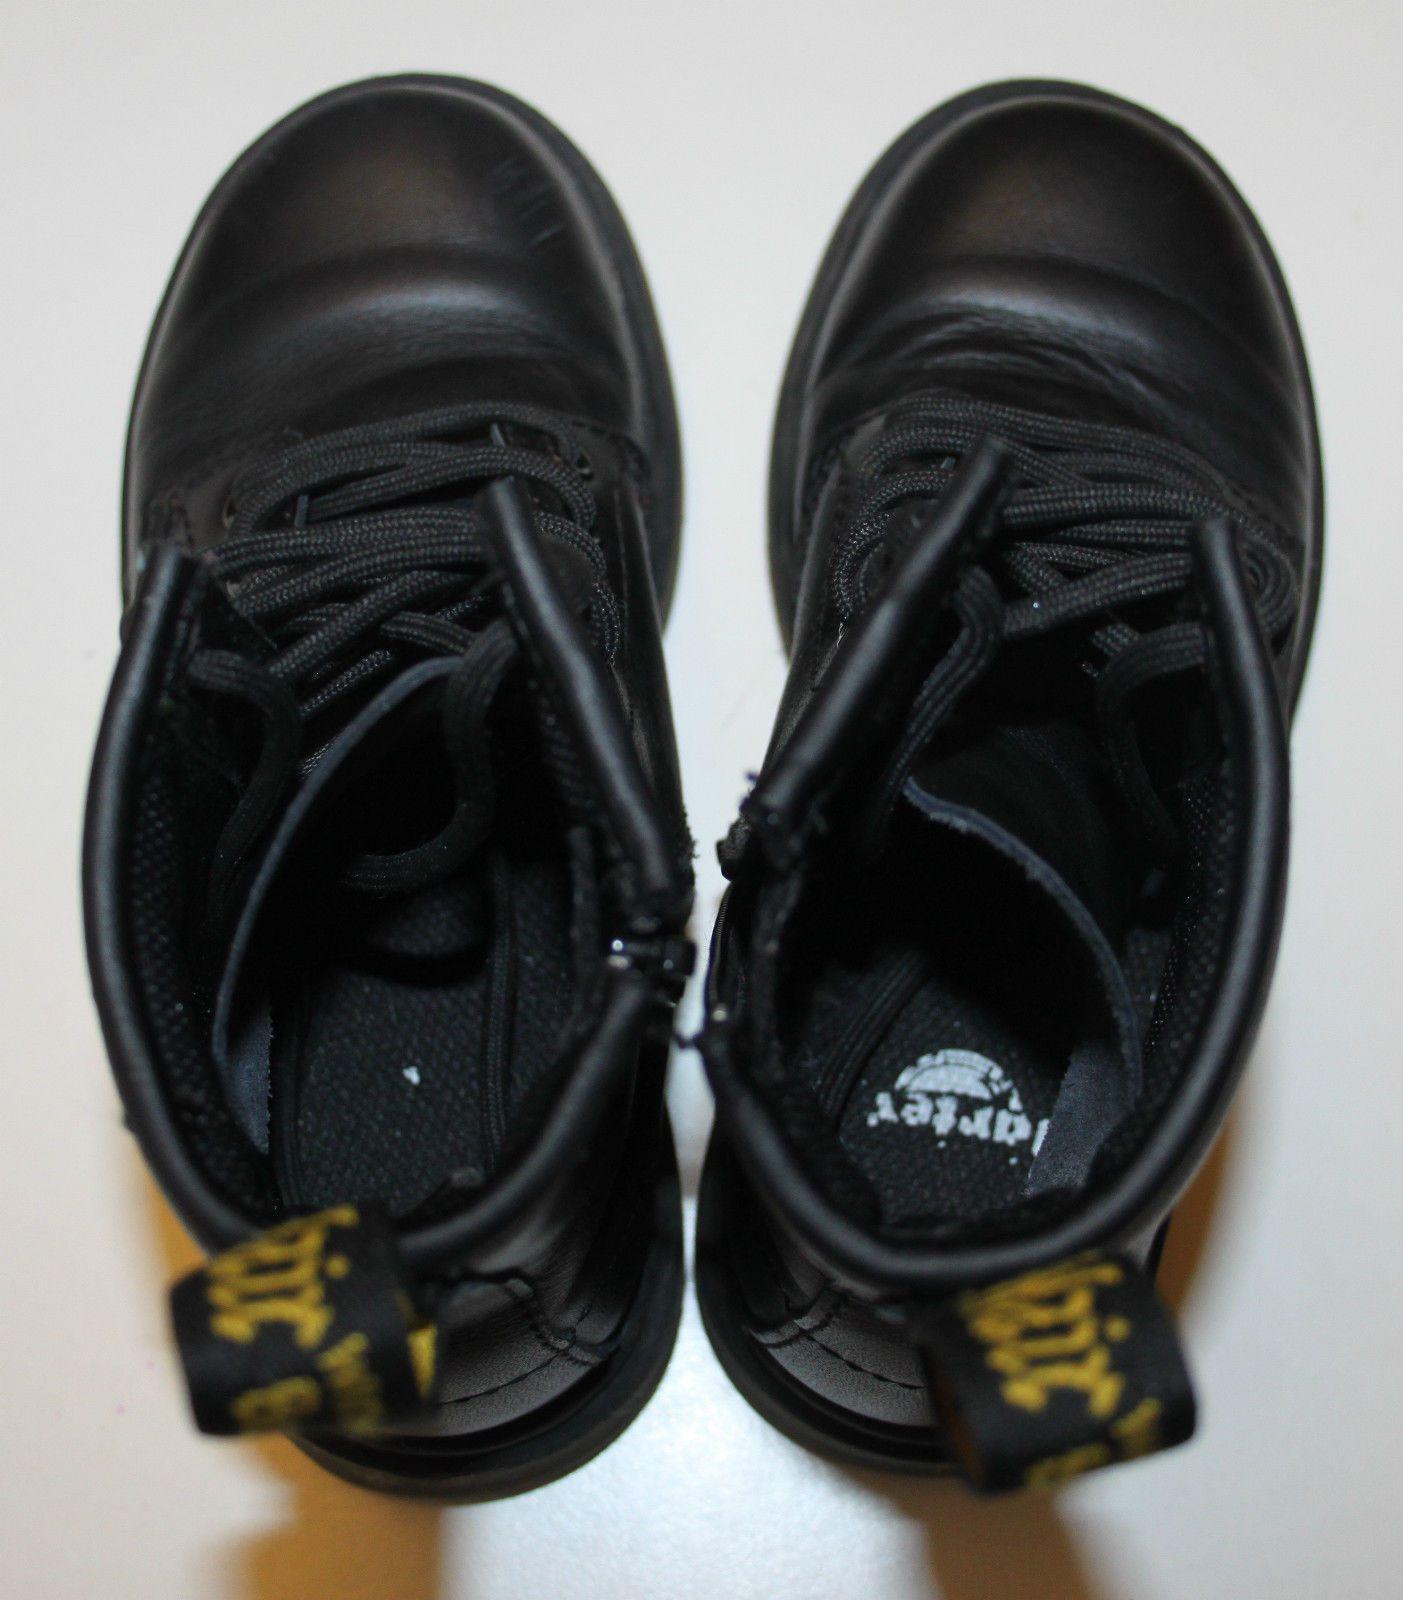 e2871bd82ec Dr Martens DELANEY Junior Lace-up AirWair Bouncing Soles Boots Size ...